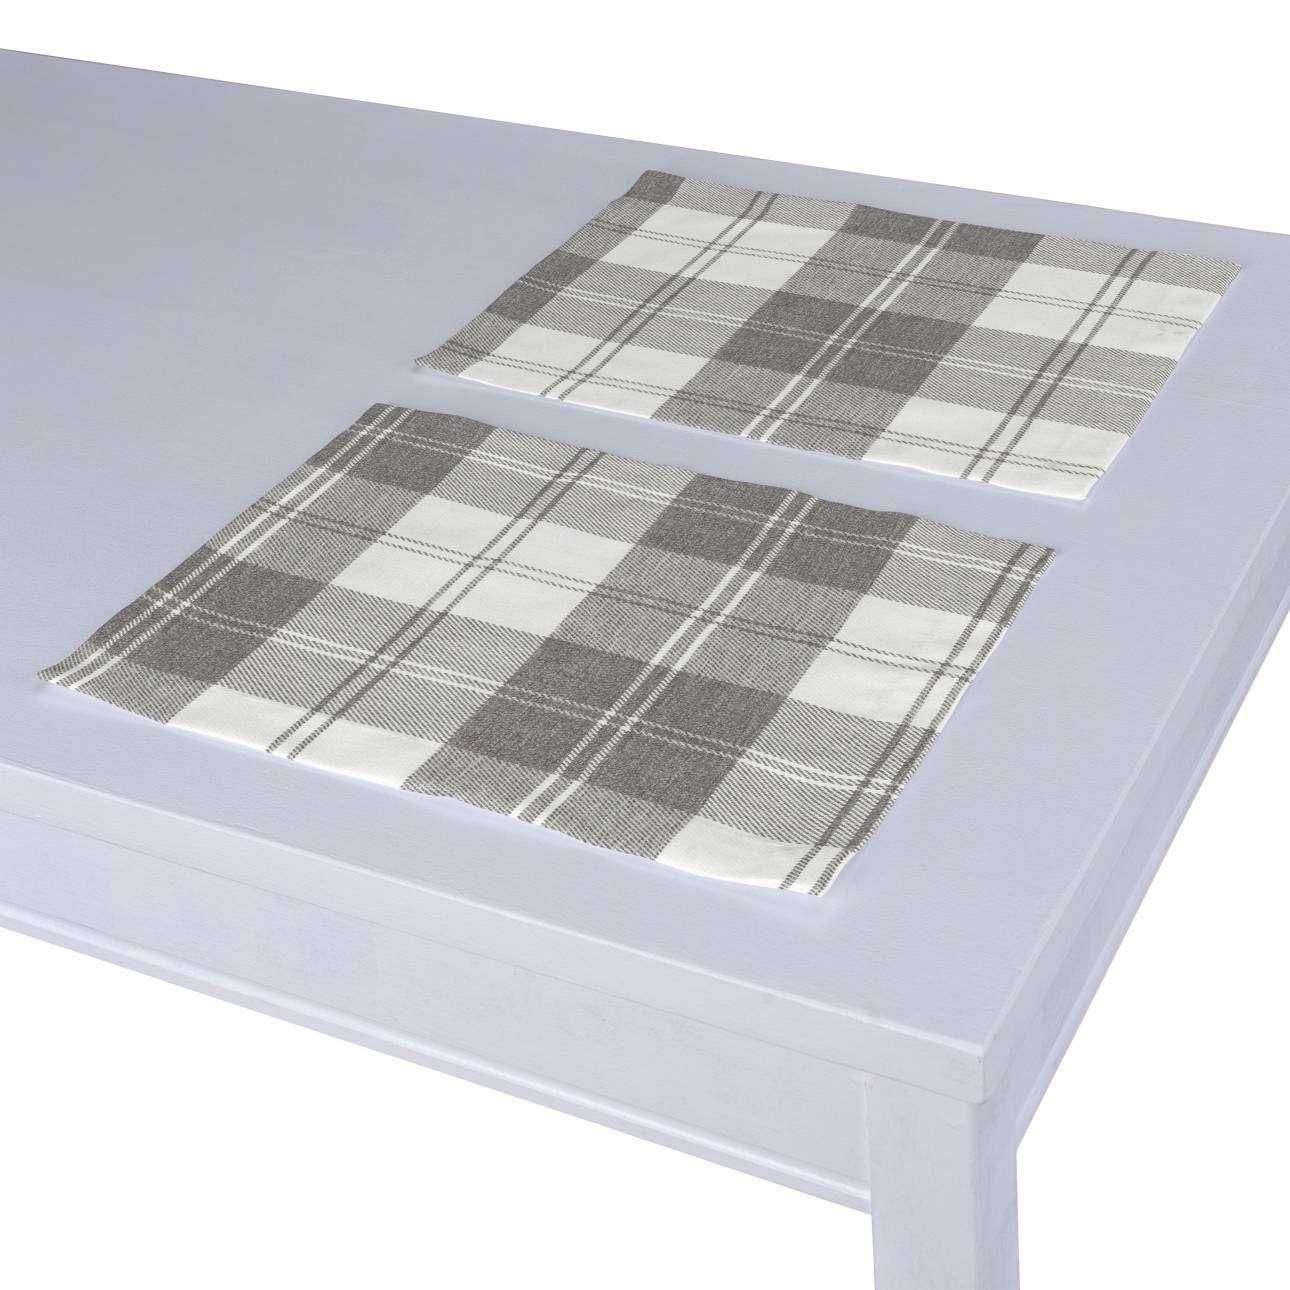 Stalo servetėlės/stalo padėkliukai – 2 vnt. 30 x 40 cm kolekcijoje Edinburgh , audinys: 115-79